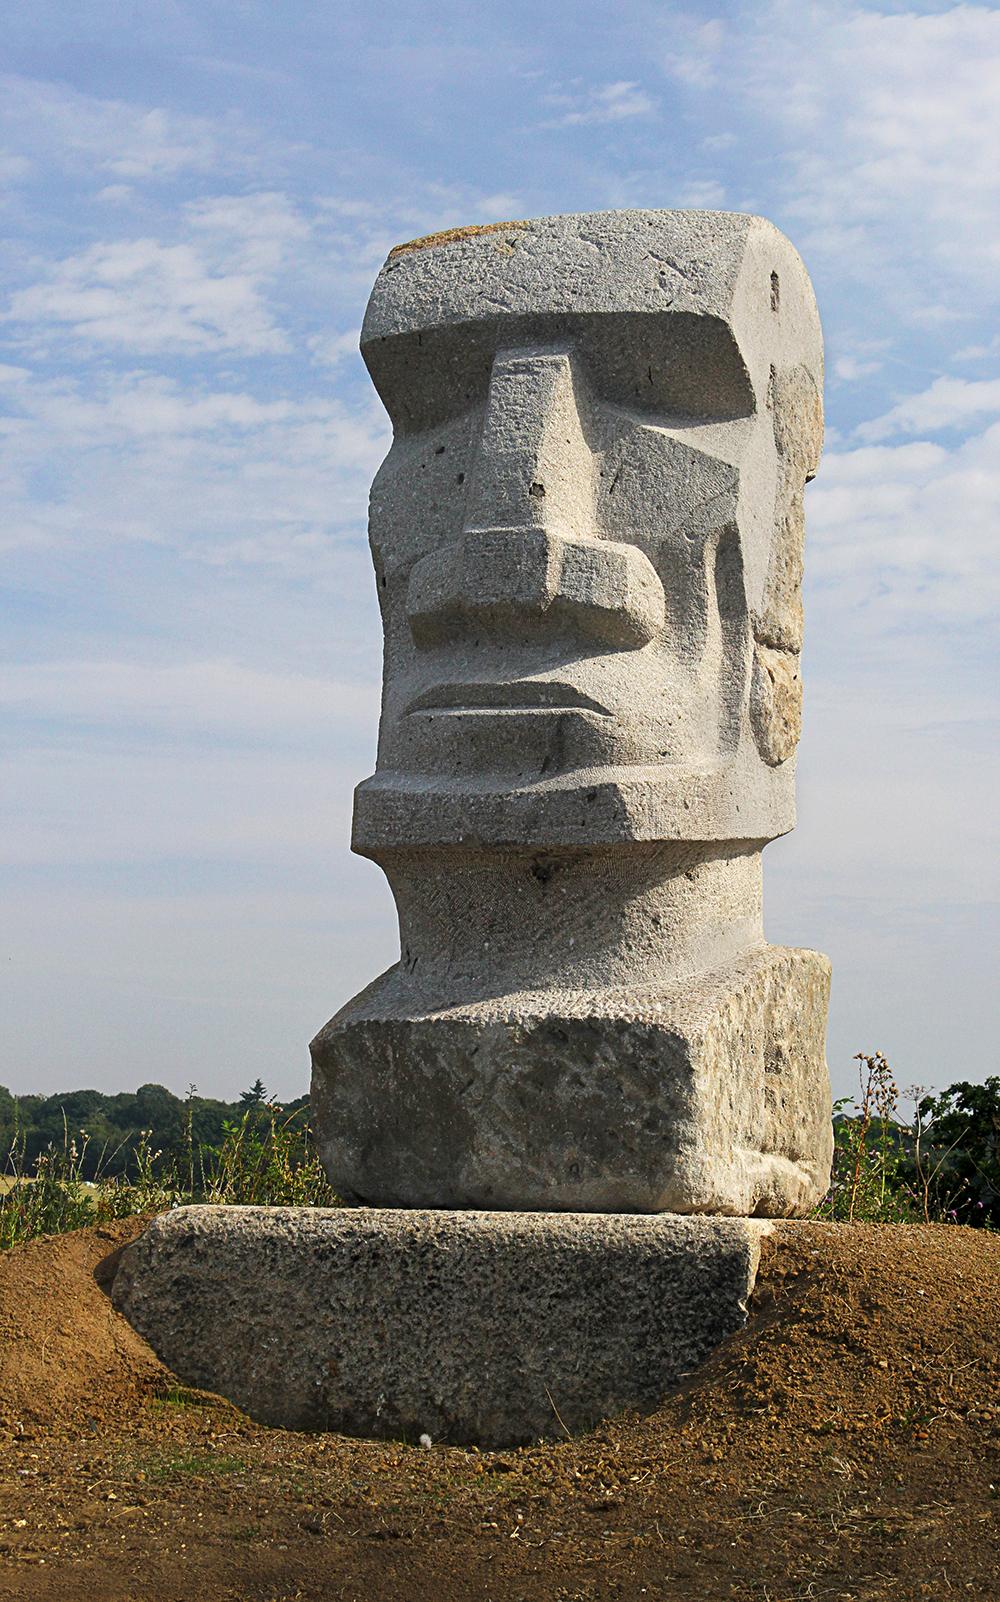 Fryerning's Easter Island lookalike smiles on captor of 50lb 6oz Mommon